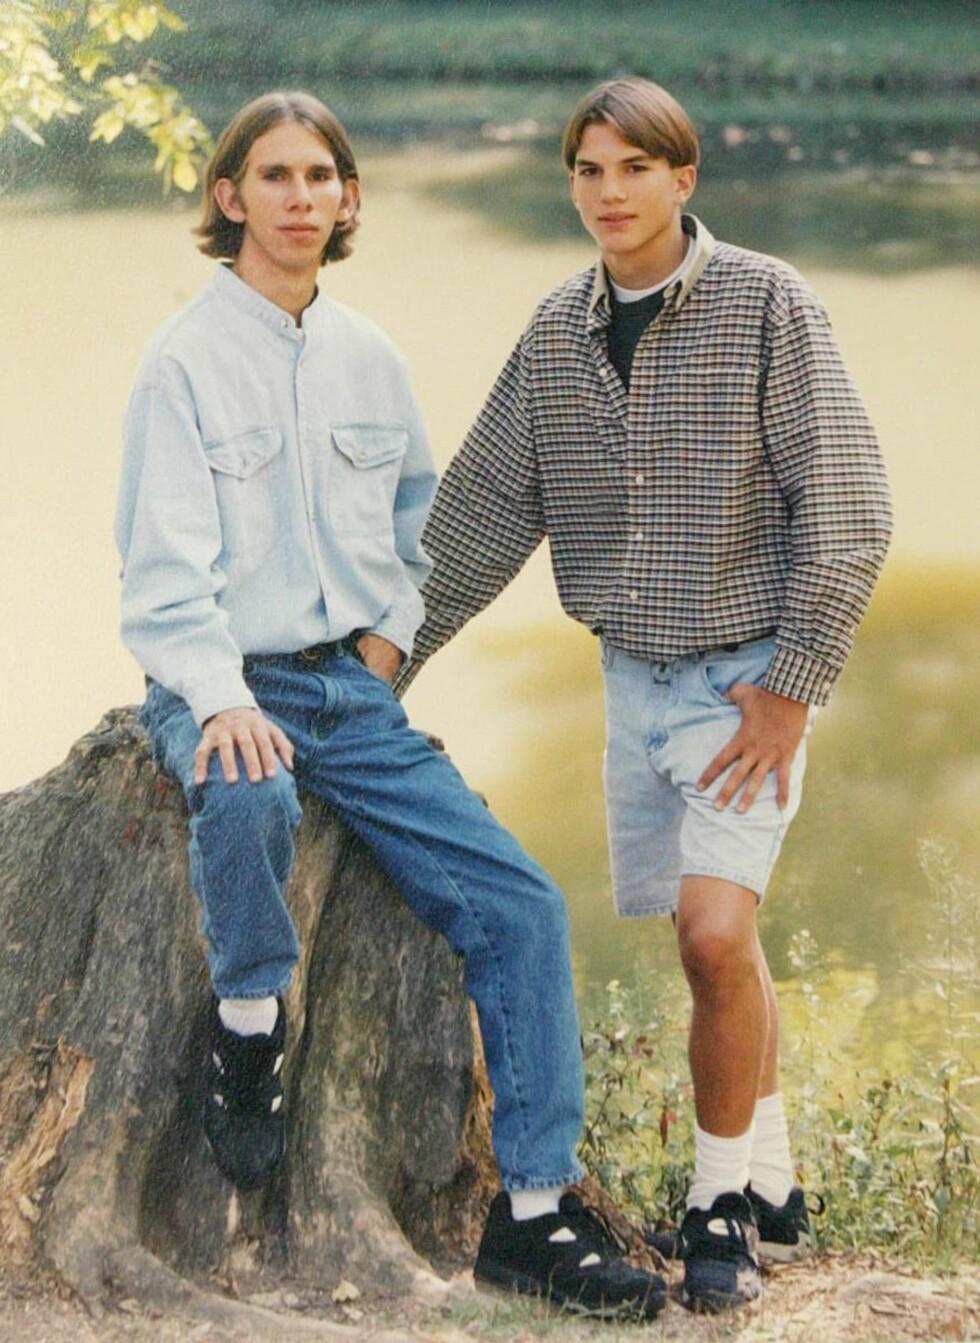 GODE VENNER: Ashton og Michael Kutcher avbildet i Iowa High School sin årbok.  Foto: Tom Vickers / Splash News/ All Over Press